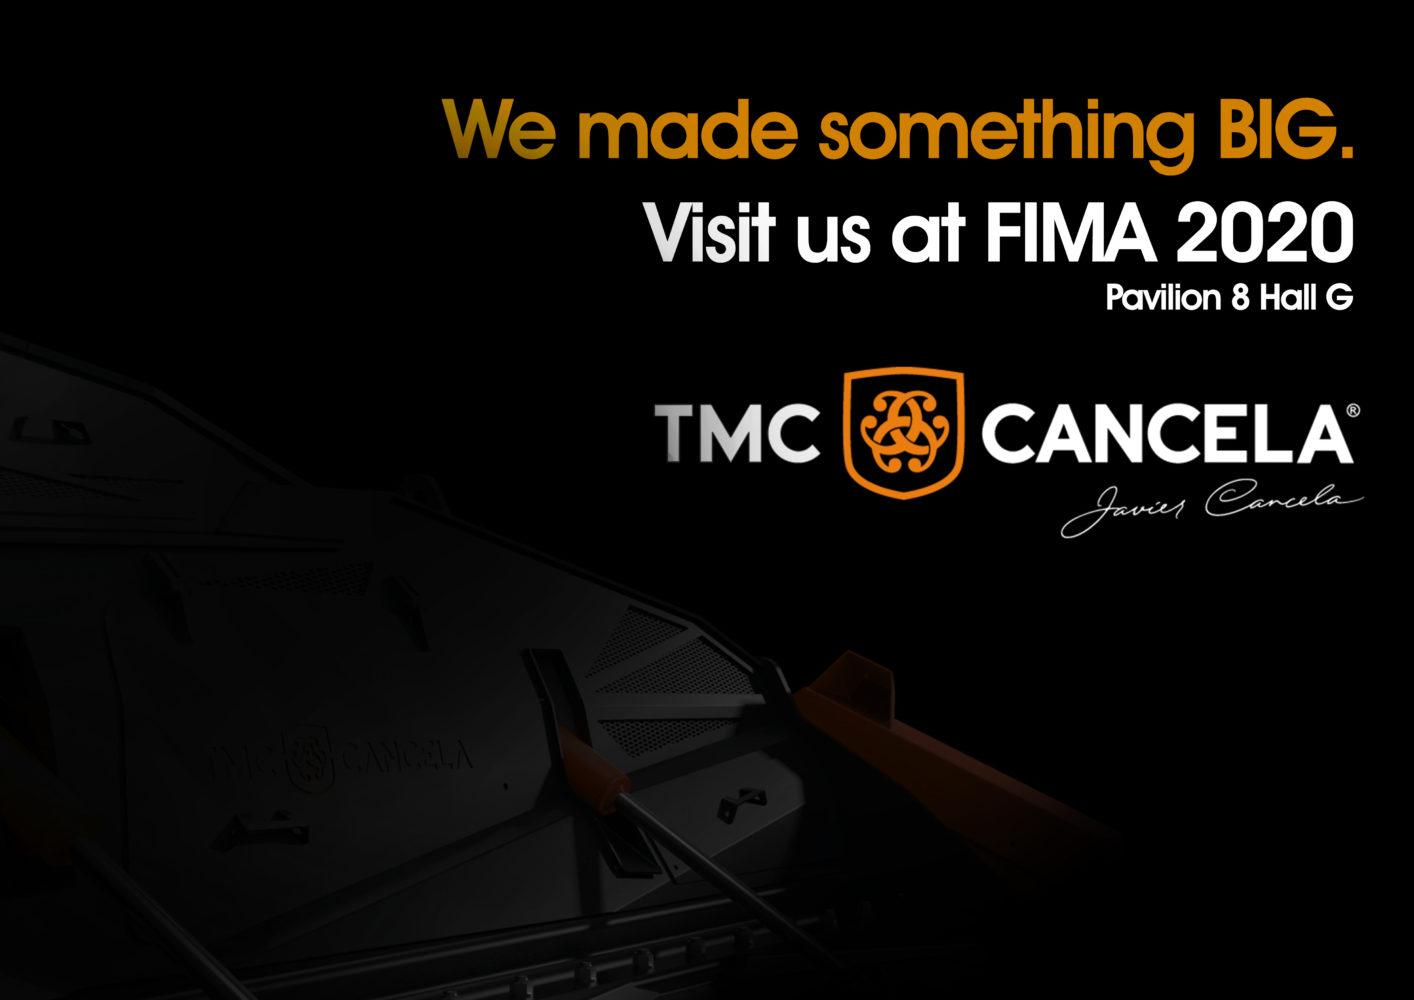 TMC CANCELA FIMA 2020